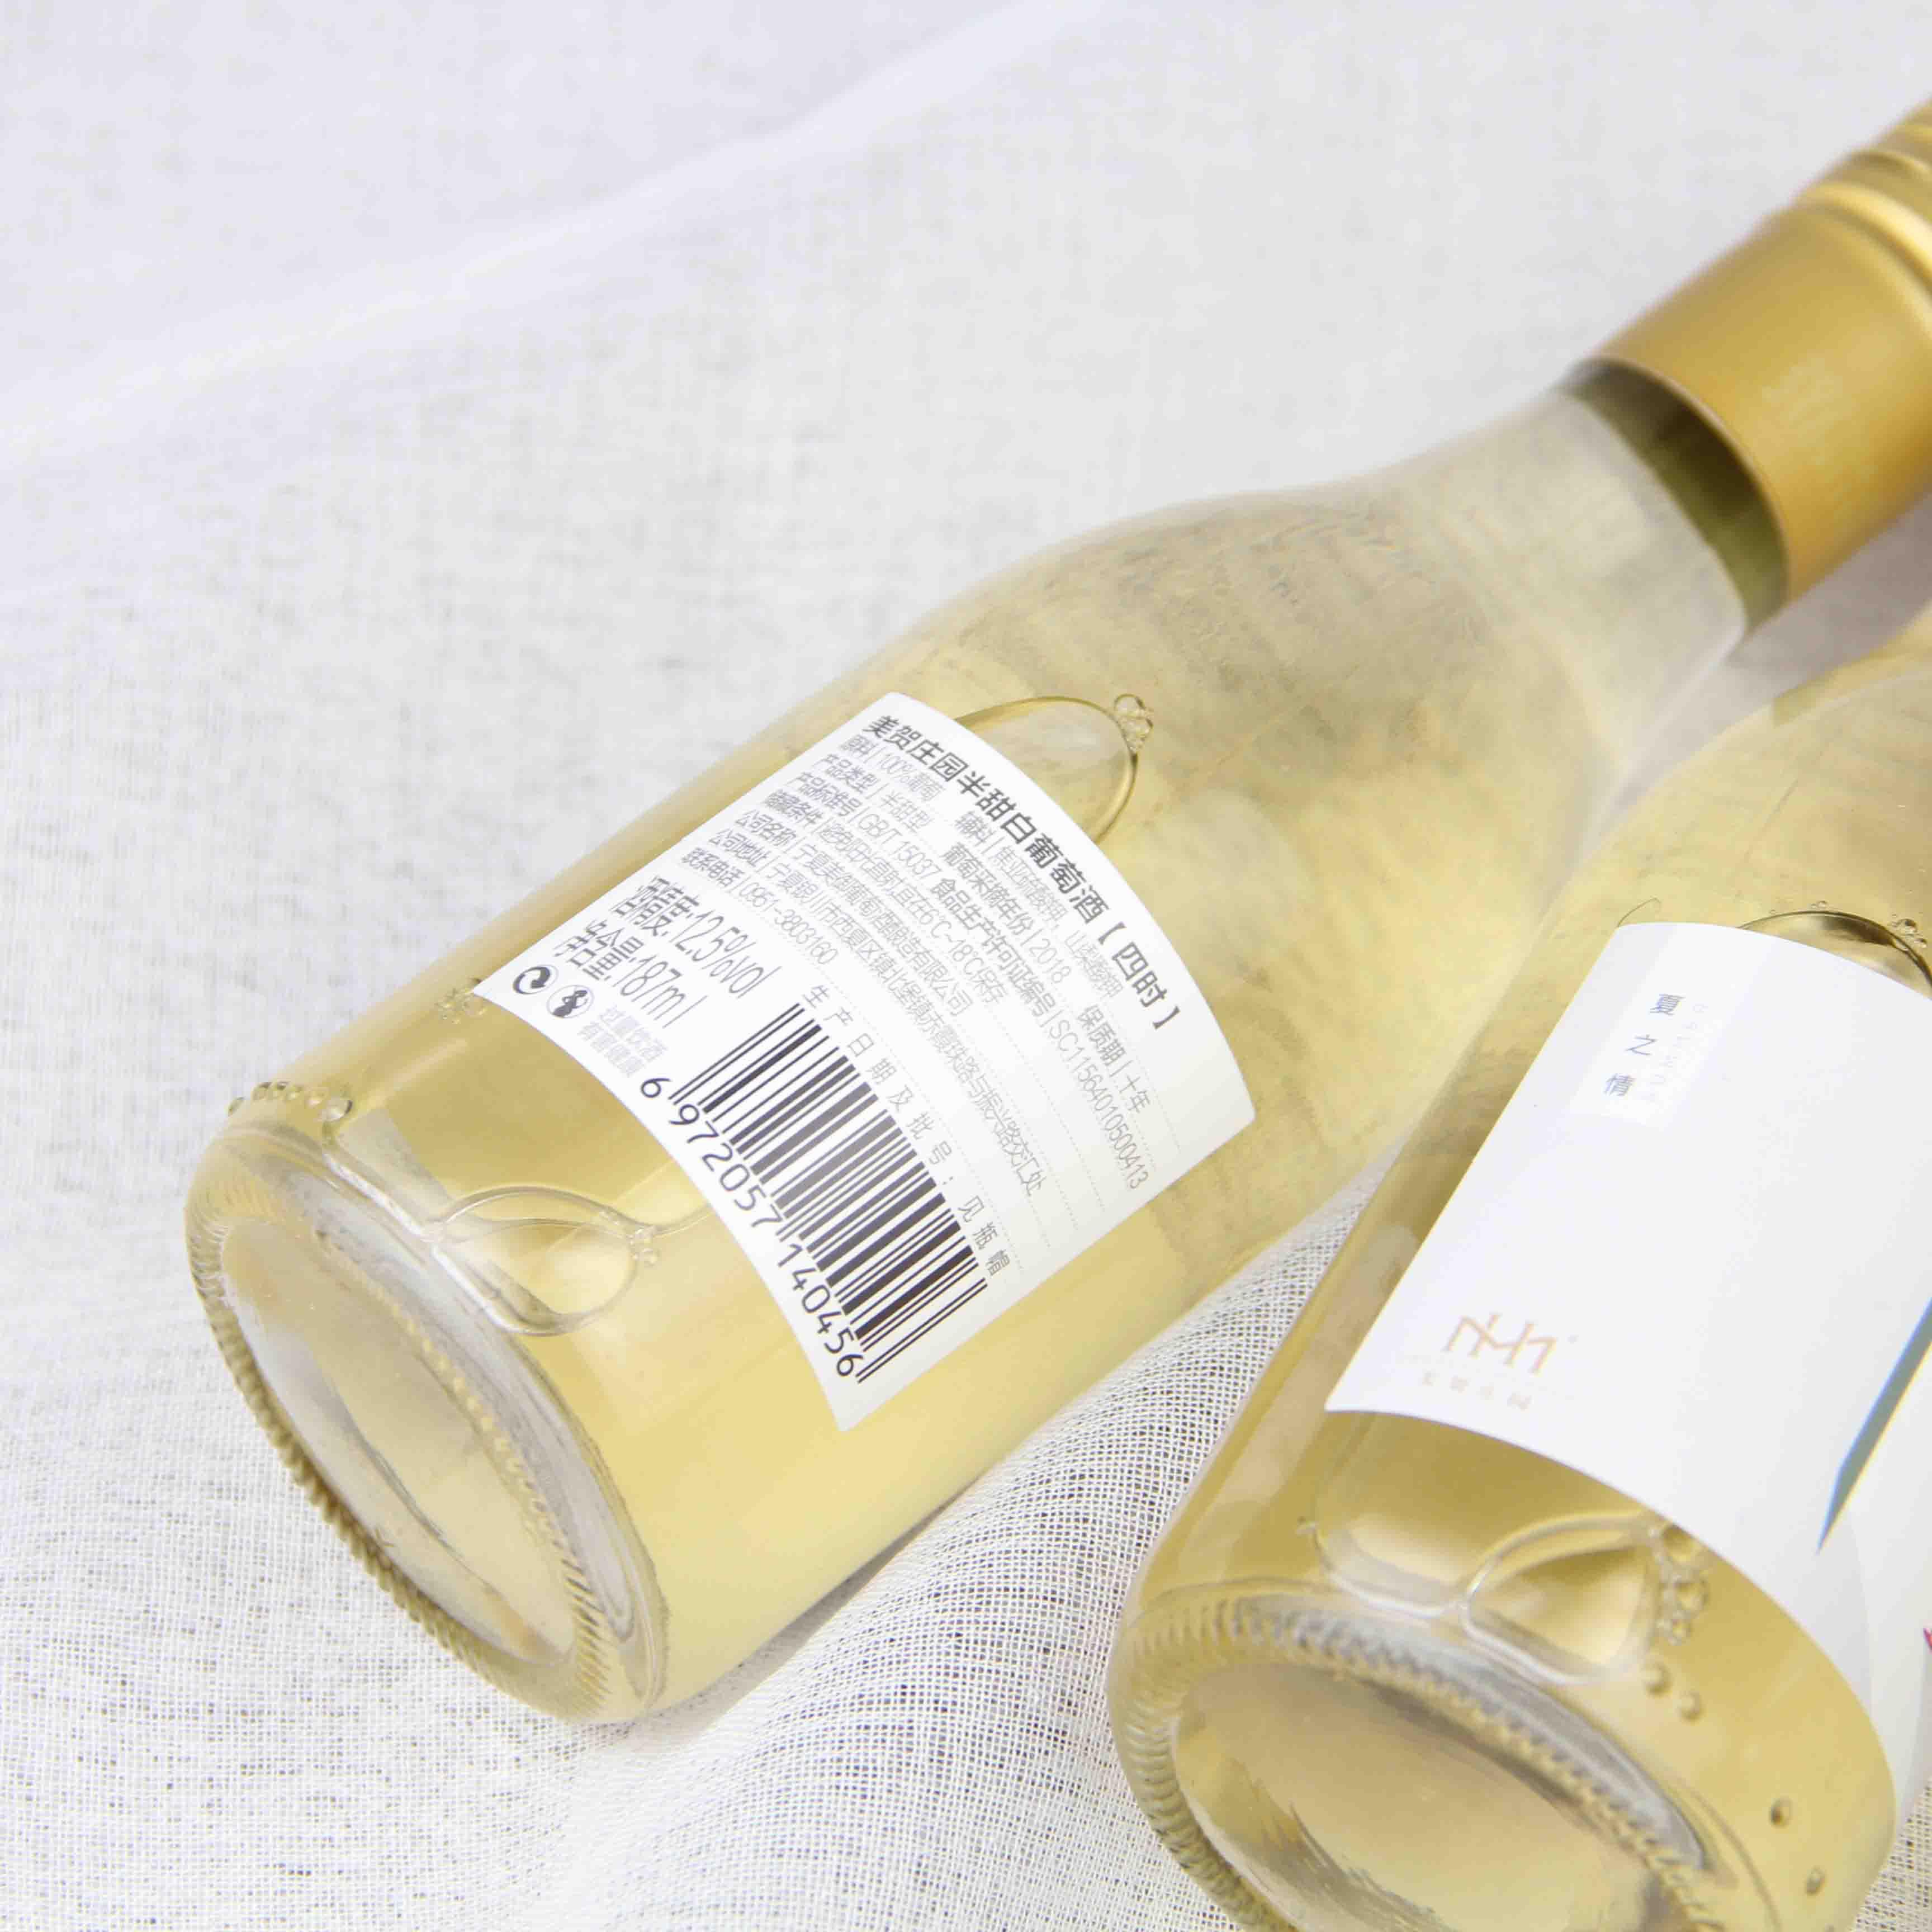 中国宁夏区美贺庄园四时 半甜白葡萄酒